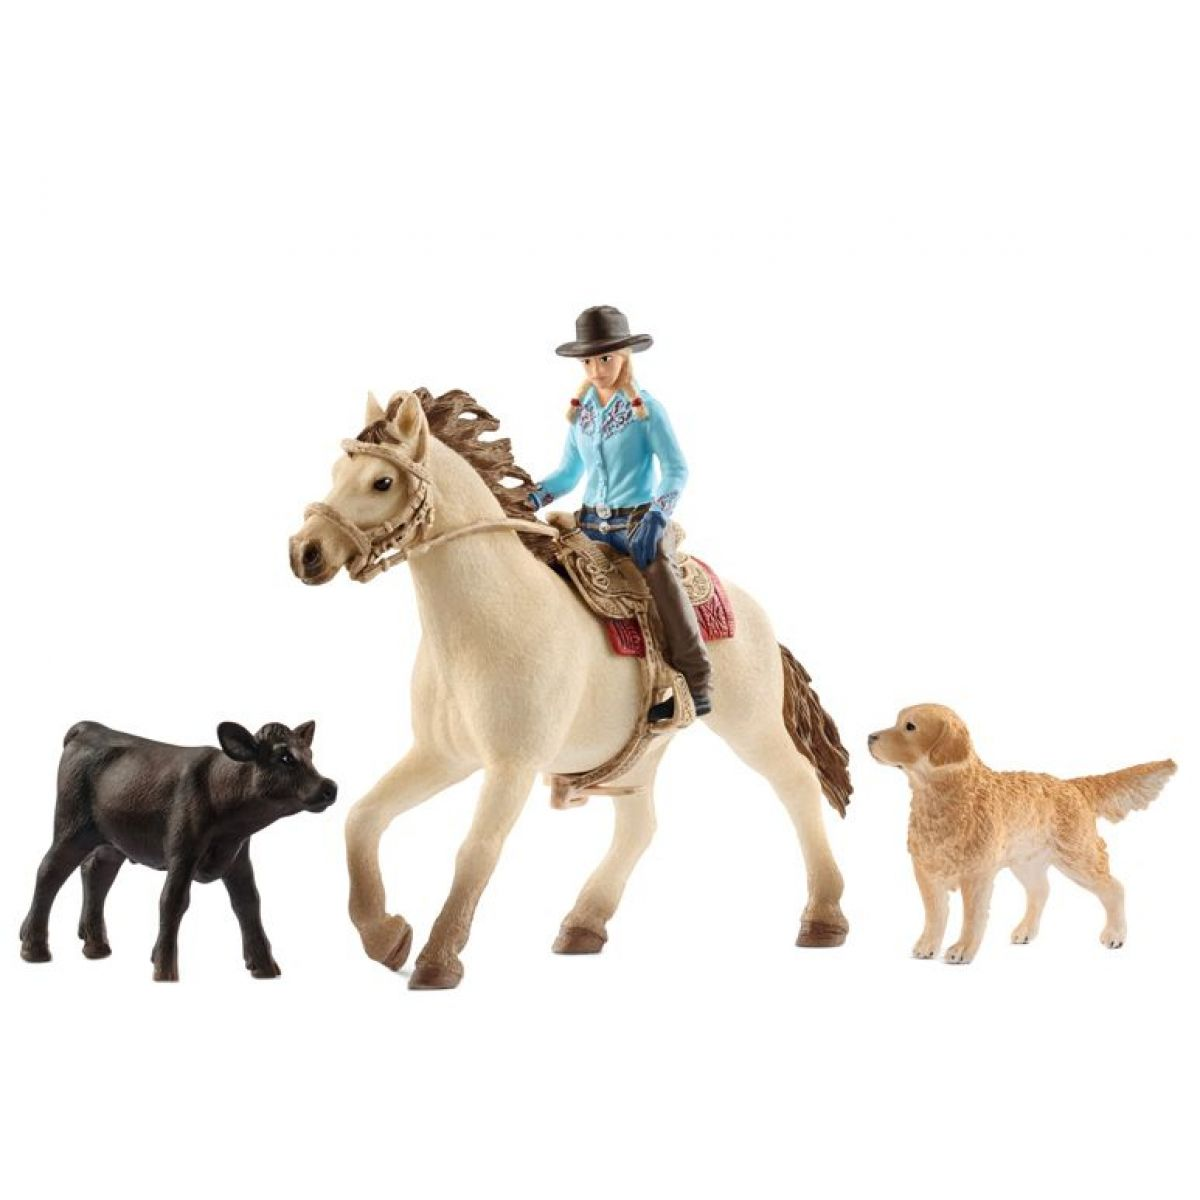 Schleich 42419 set westernová jazdkyne so zvieratkami